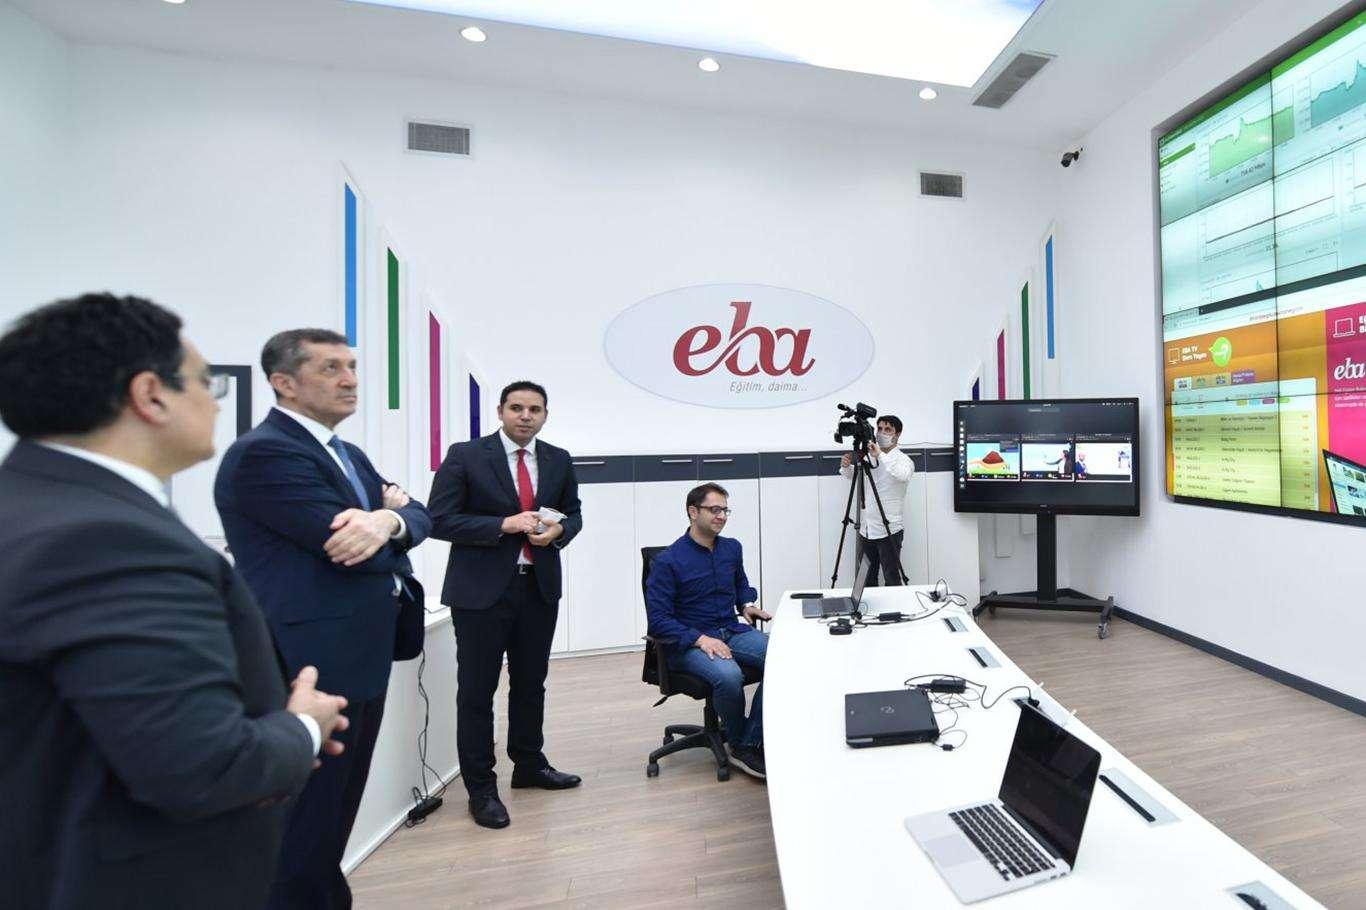 MEB: EBAya erişim sorunu çözüme ulaştırıldı